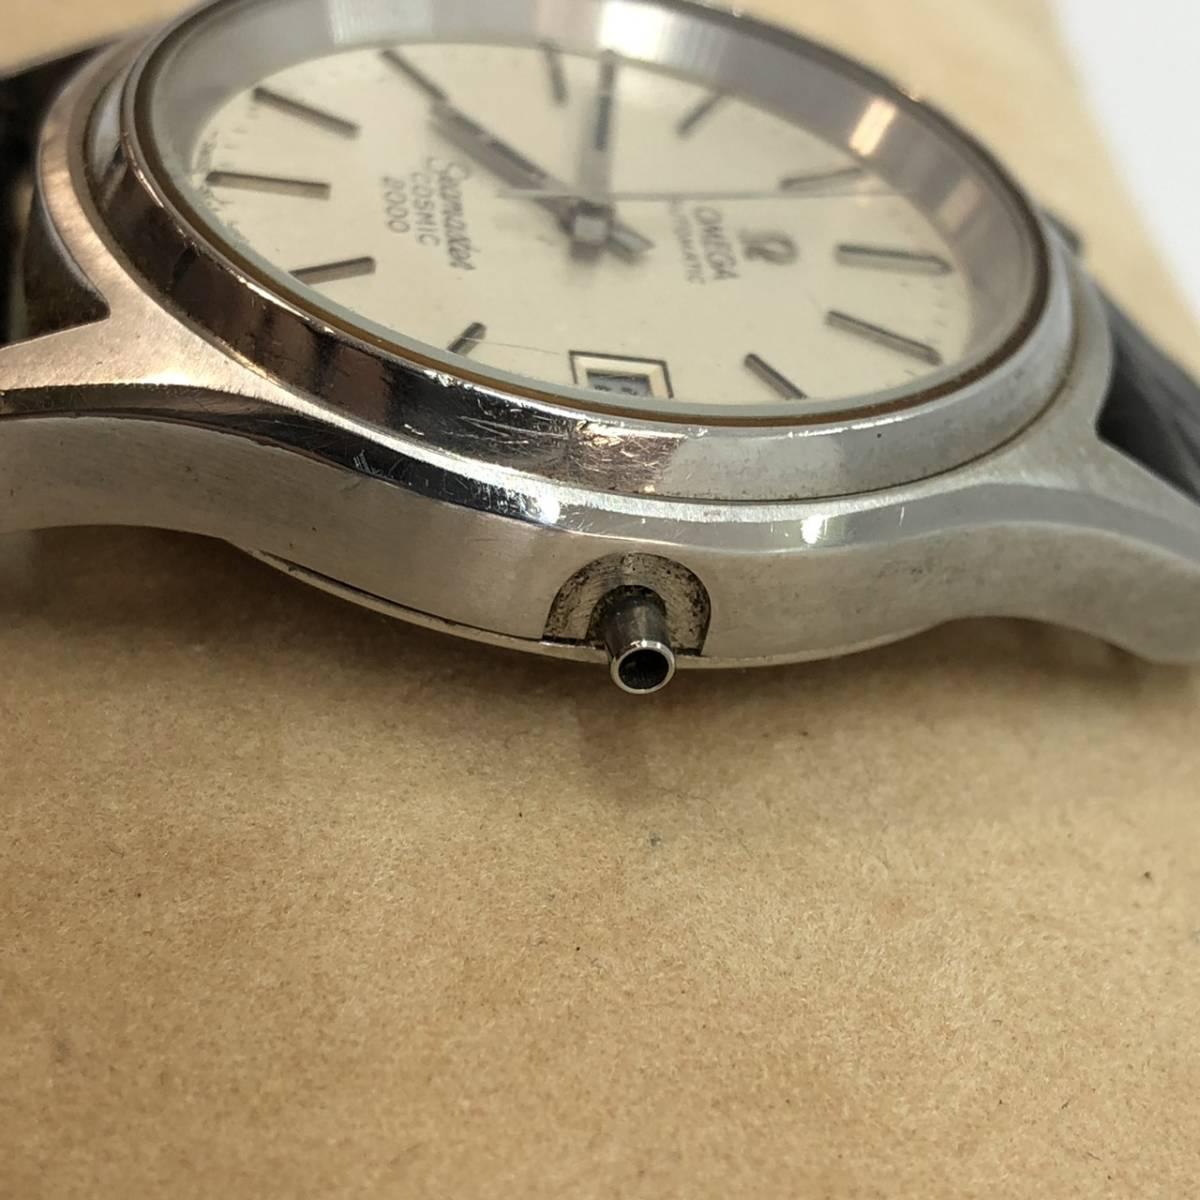 オメガ シーマスター コスミック 2000 OMEGA Sea Master COSMIC 2000 自動巻 デイト 腕時計_画像3